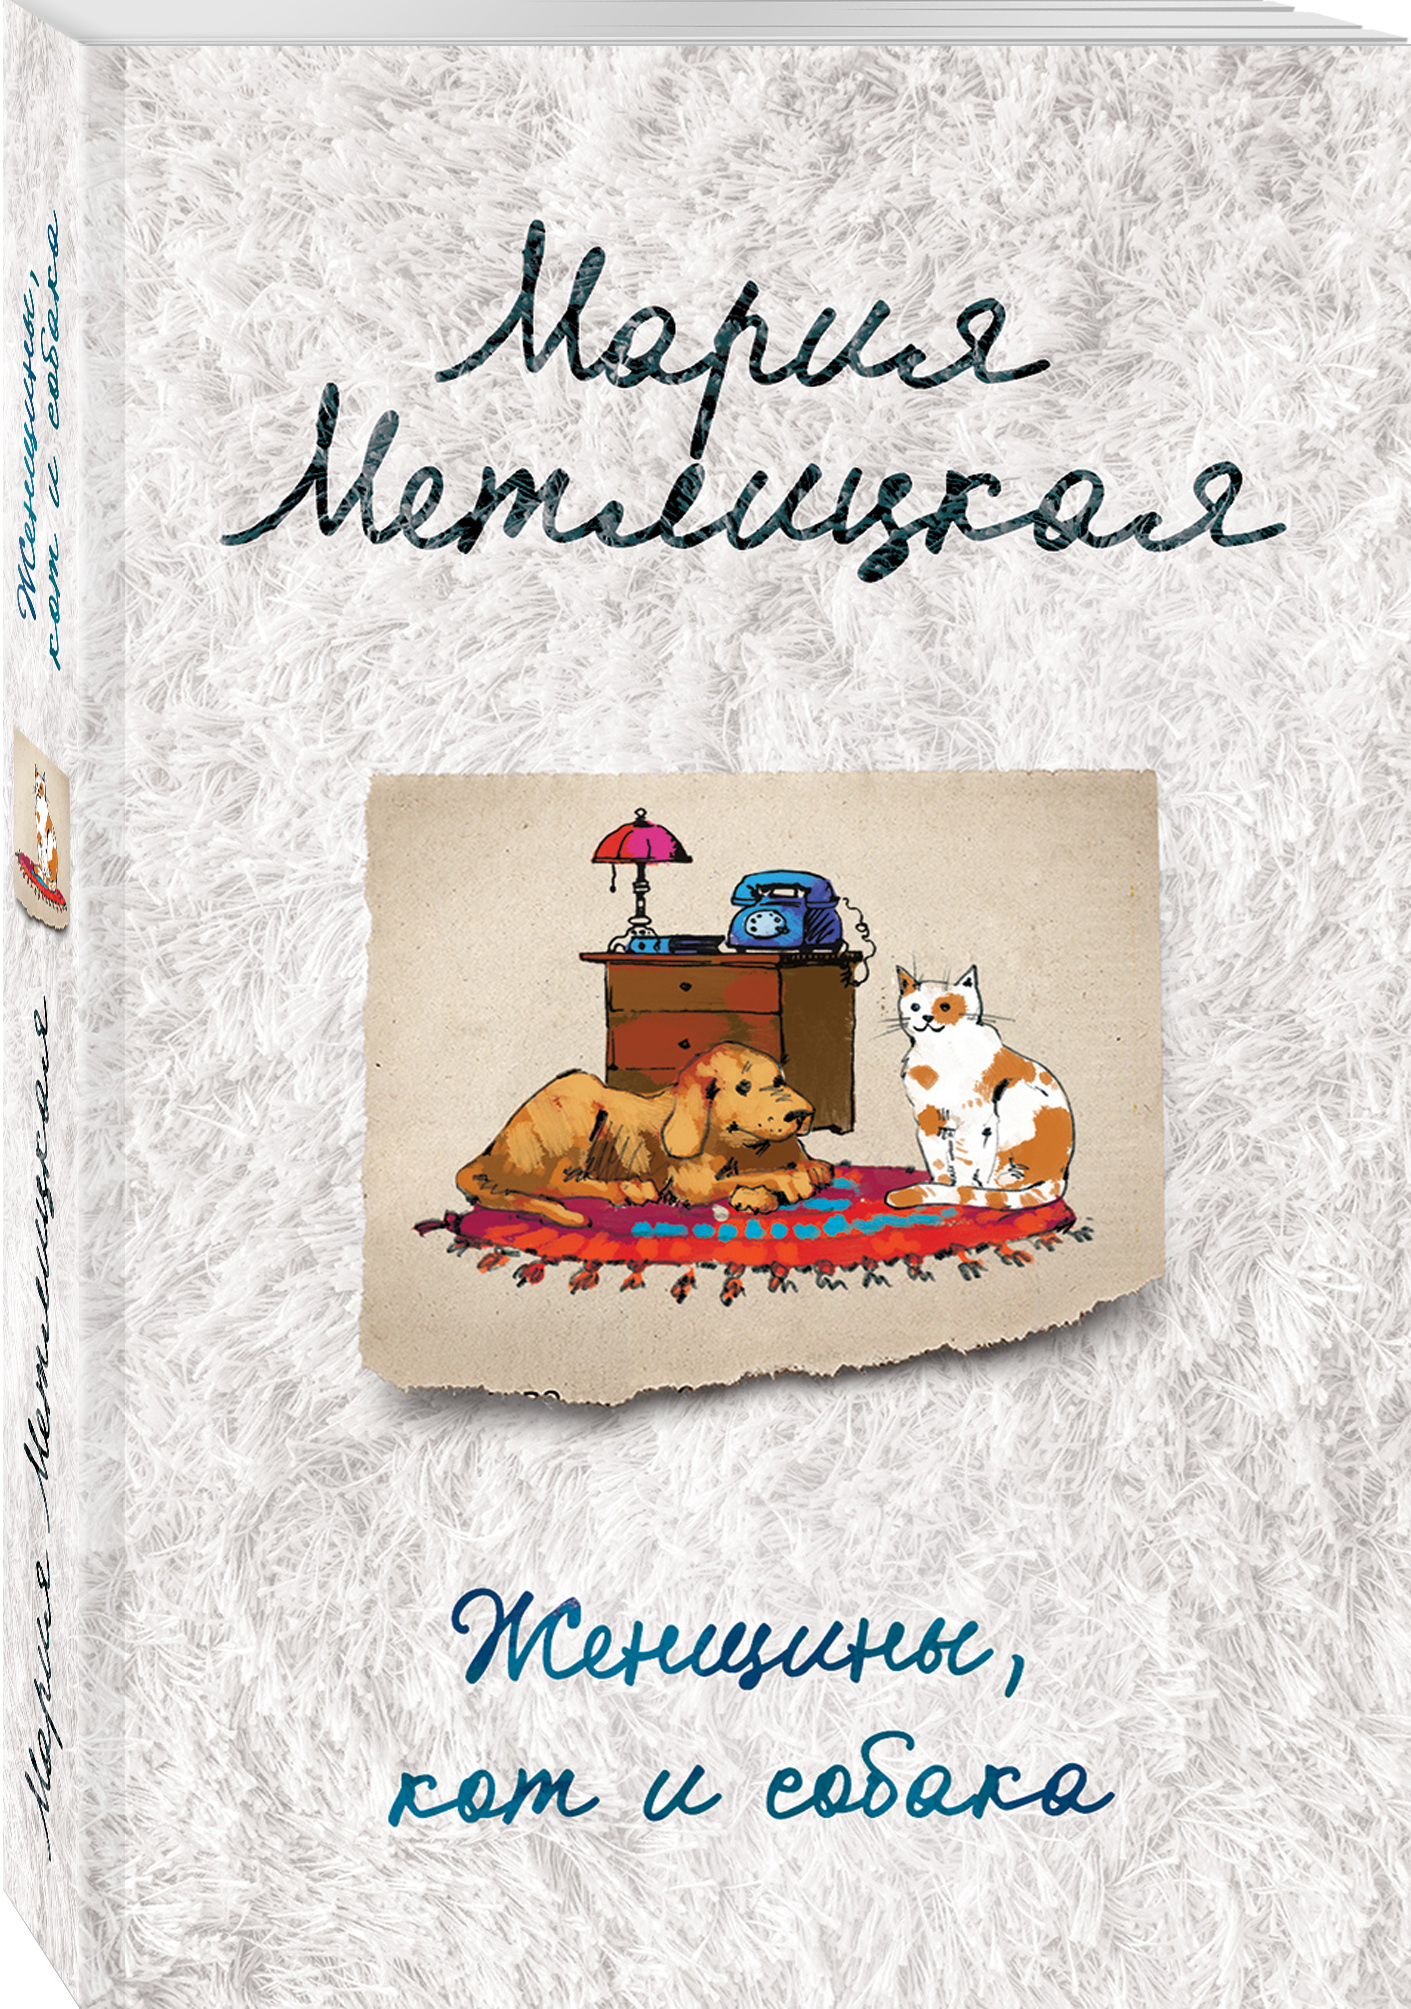 Мария Метлицкая Женщины, кот и собака